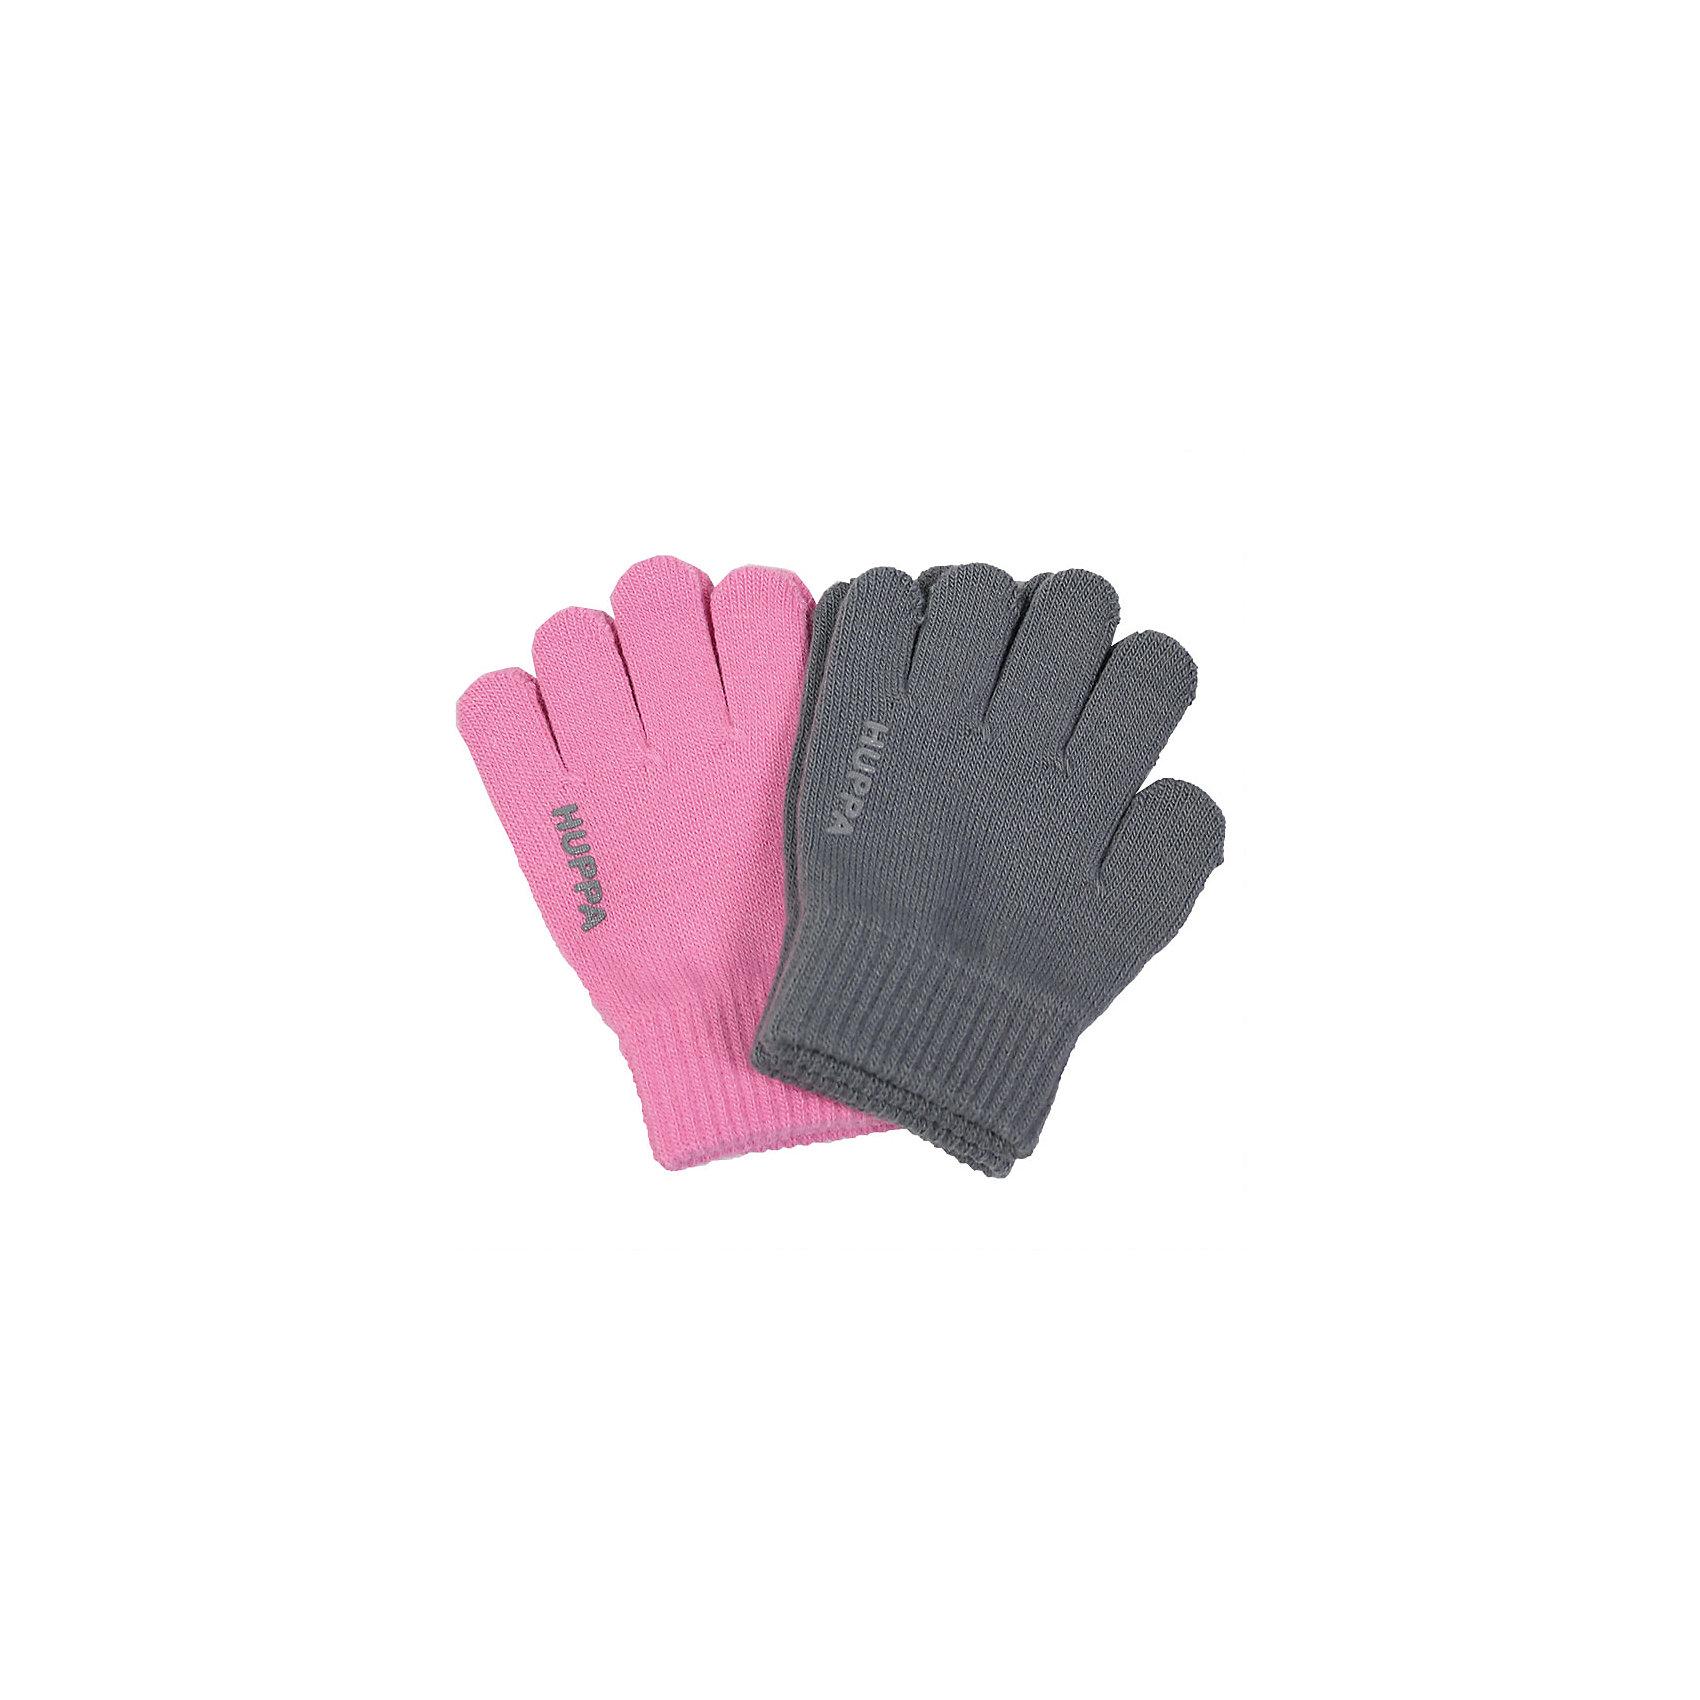 Перчатки LEVI 2 HuppaПерчатки, варежки<br>Перчатки для детей LEVI 2.Теплые перчатки , прекрассно подойдут для повседневных прогулок в прохладную погоду. <br>Состав:<br>100% акрил<br><br>Ширина мм: 162<br>Глубина мм: 171<br>Высота мм: 55<br>Вес г: 119<br>Цвет: розовый<br>Возраст от месяцев: 3<br>Возраст до месяцев: 6<br>Пол: Унисекс<br>Возраст: Детский<br>Размер: 1,2<br>SKU: 7024230